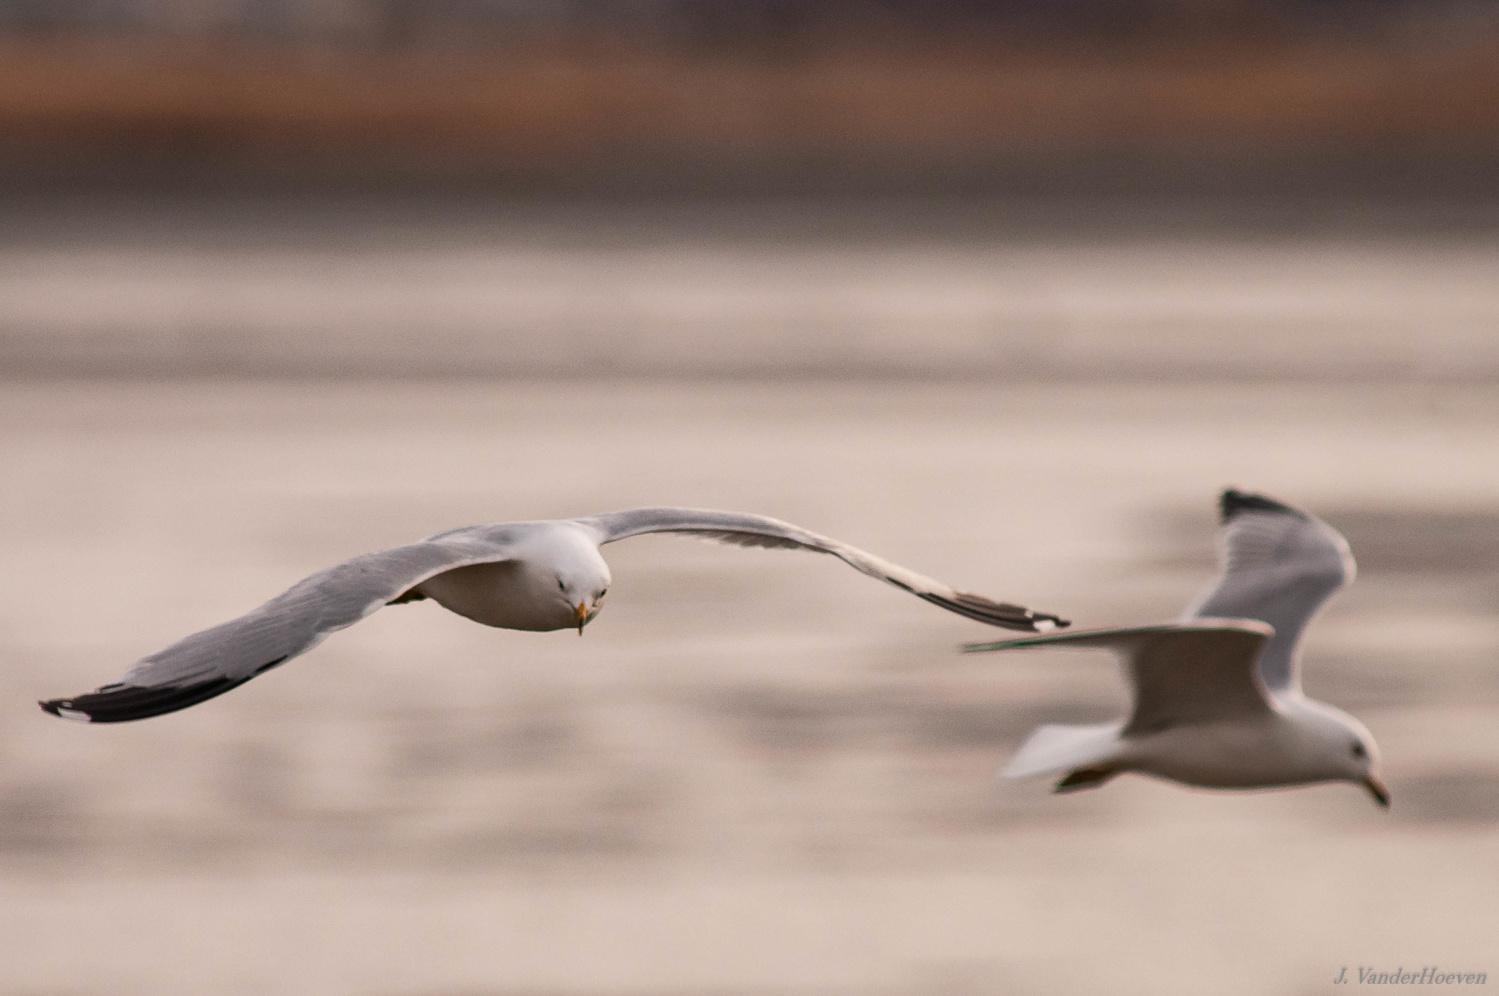 Gulls by Jake VanderHoeven